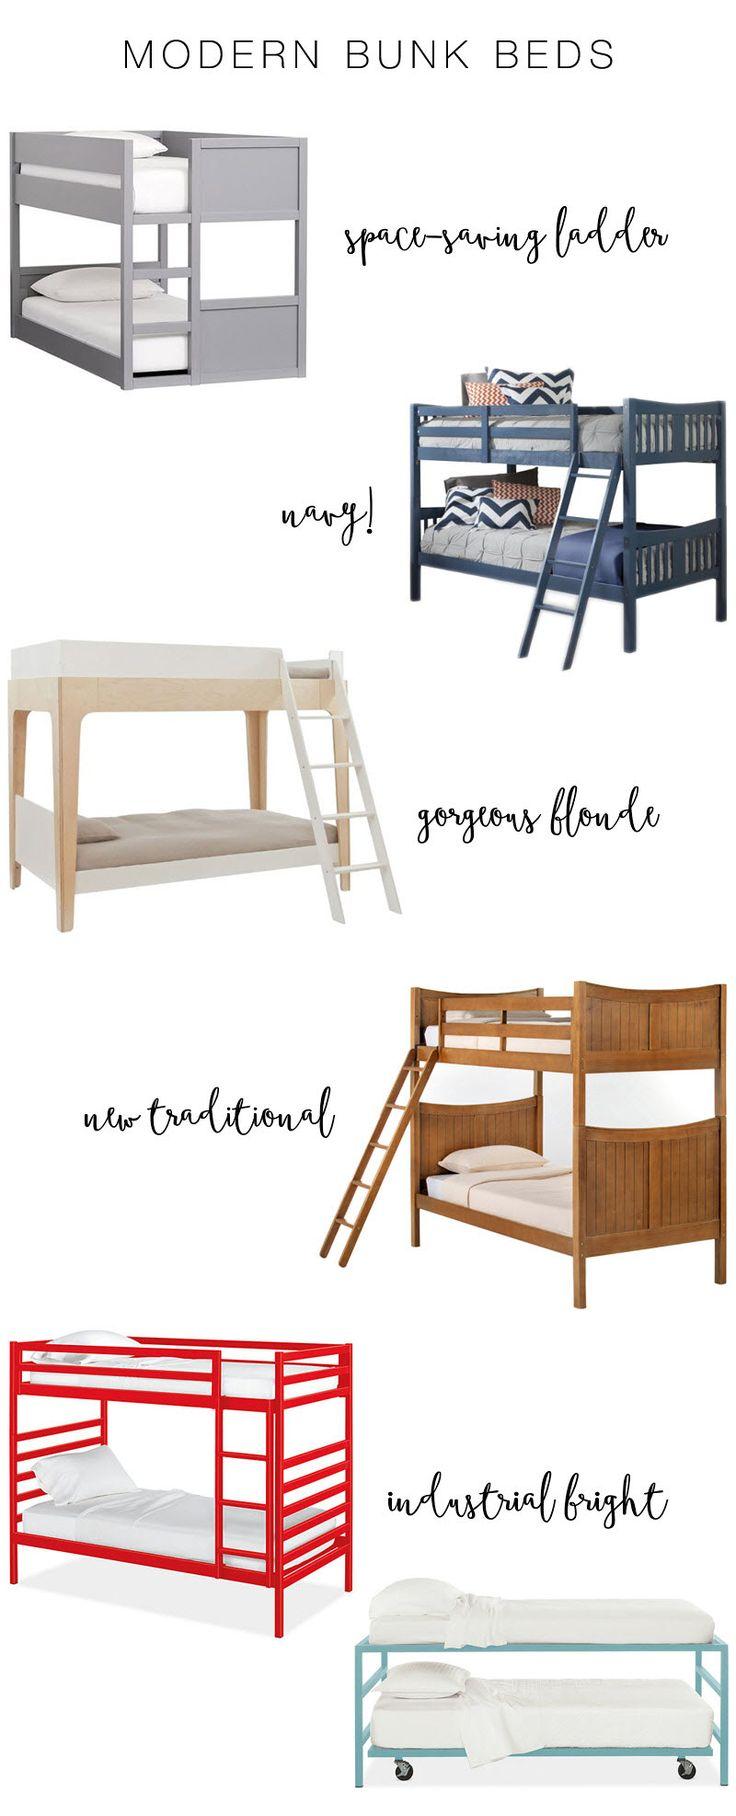 best  modern bunk beds ideas on pinterest  modern bed rails  - best  modern bunk beds ideas on pinterest  modern bed rails unique bunkbeds and industrial folding beds